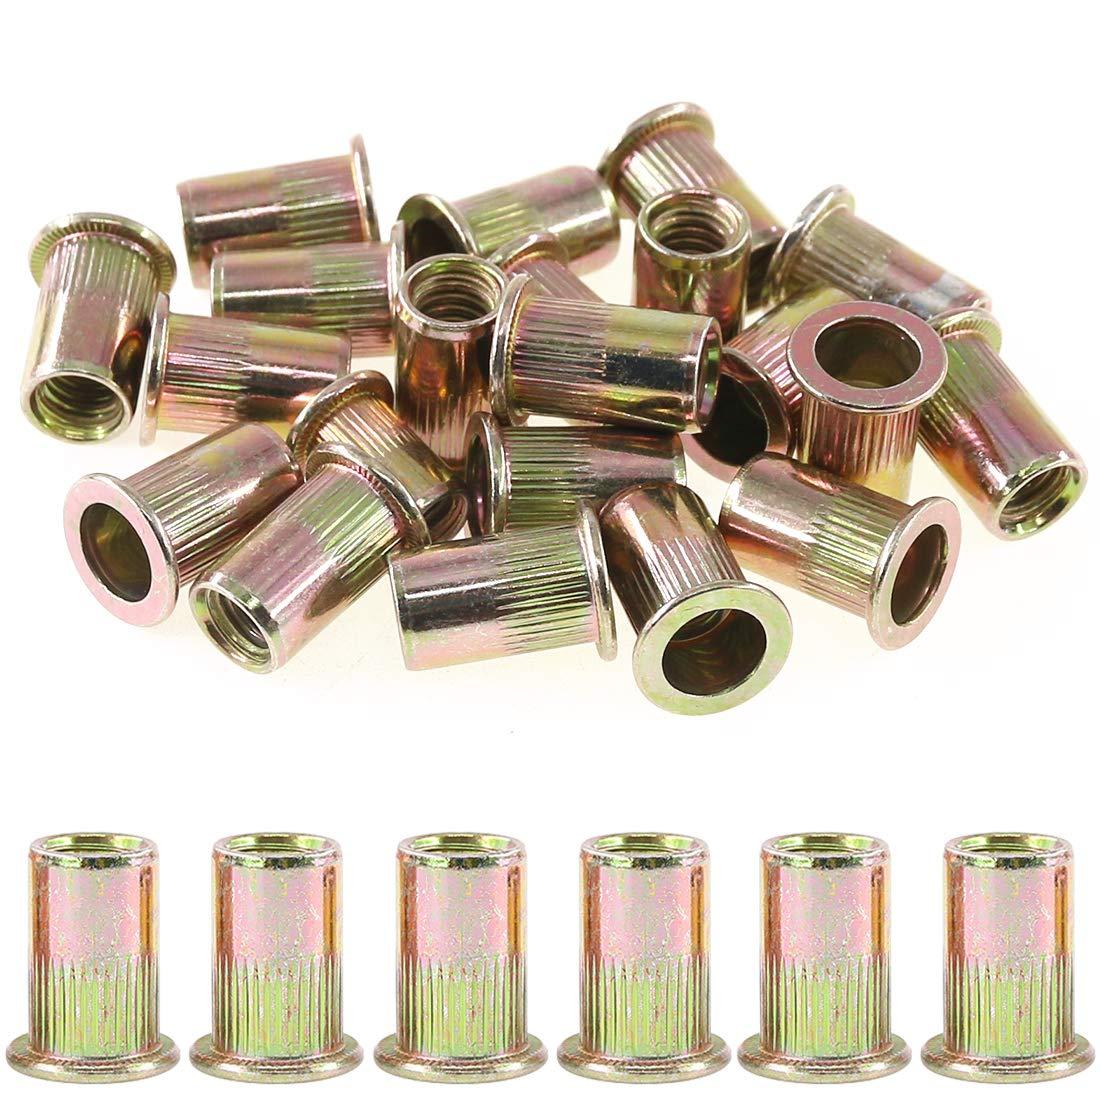 B07GT3M6YV Rustark 100-Pcs 5/16''-18UNC Mixed Zinc Plated Carbon Steel Rivet Nut Flat Head Insert Nutsert Assortment Kit 71yBr4Dv7tL